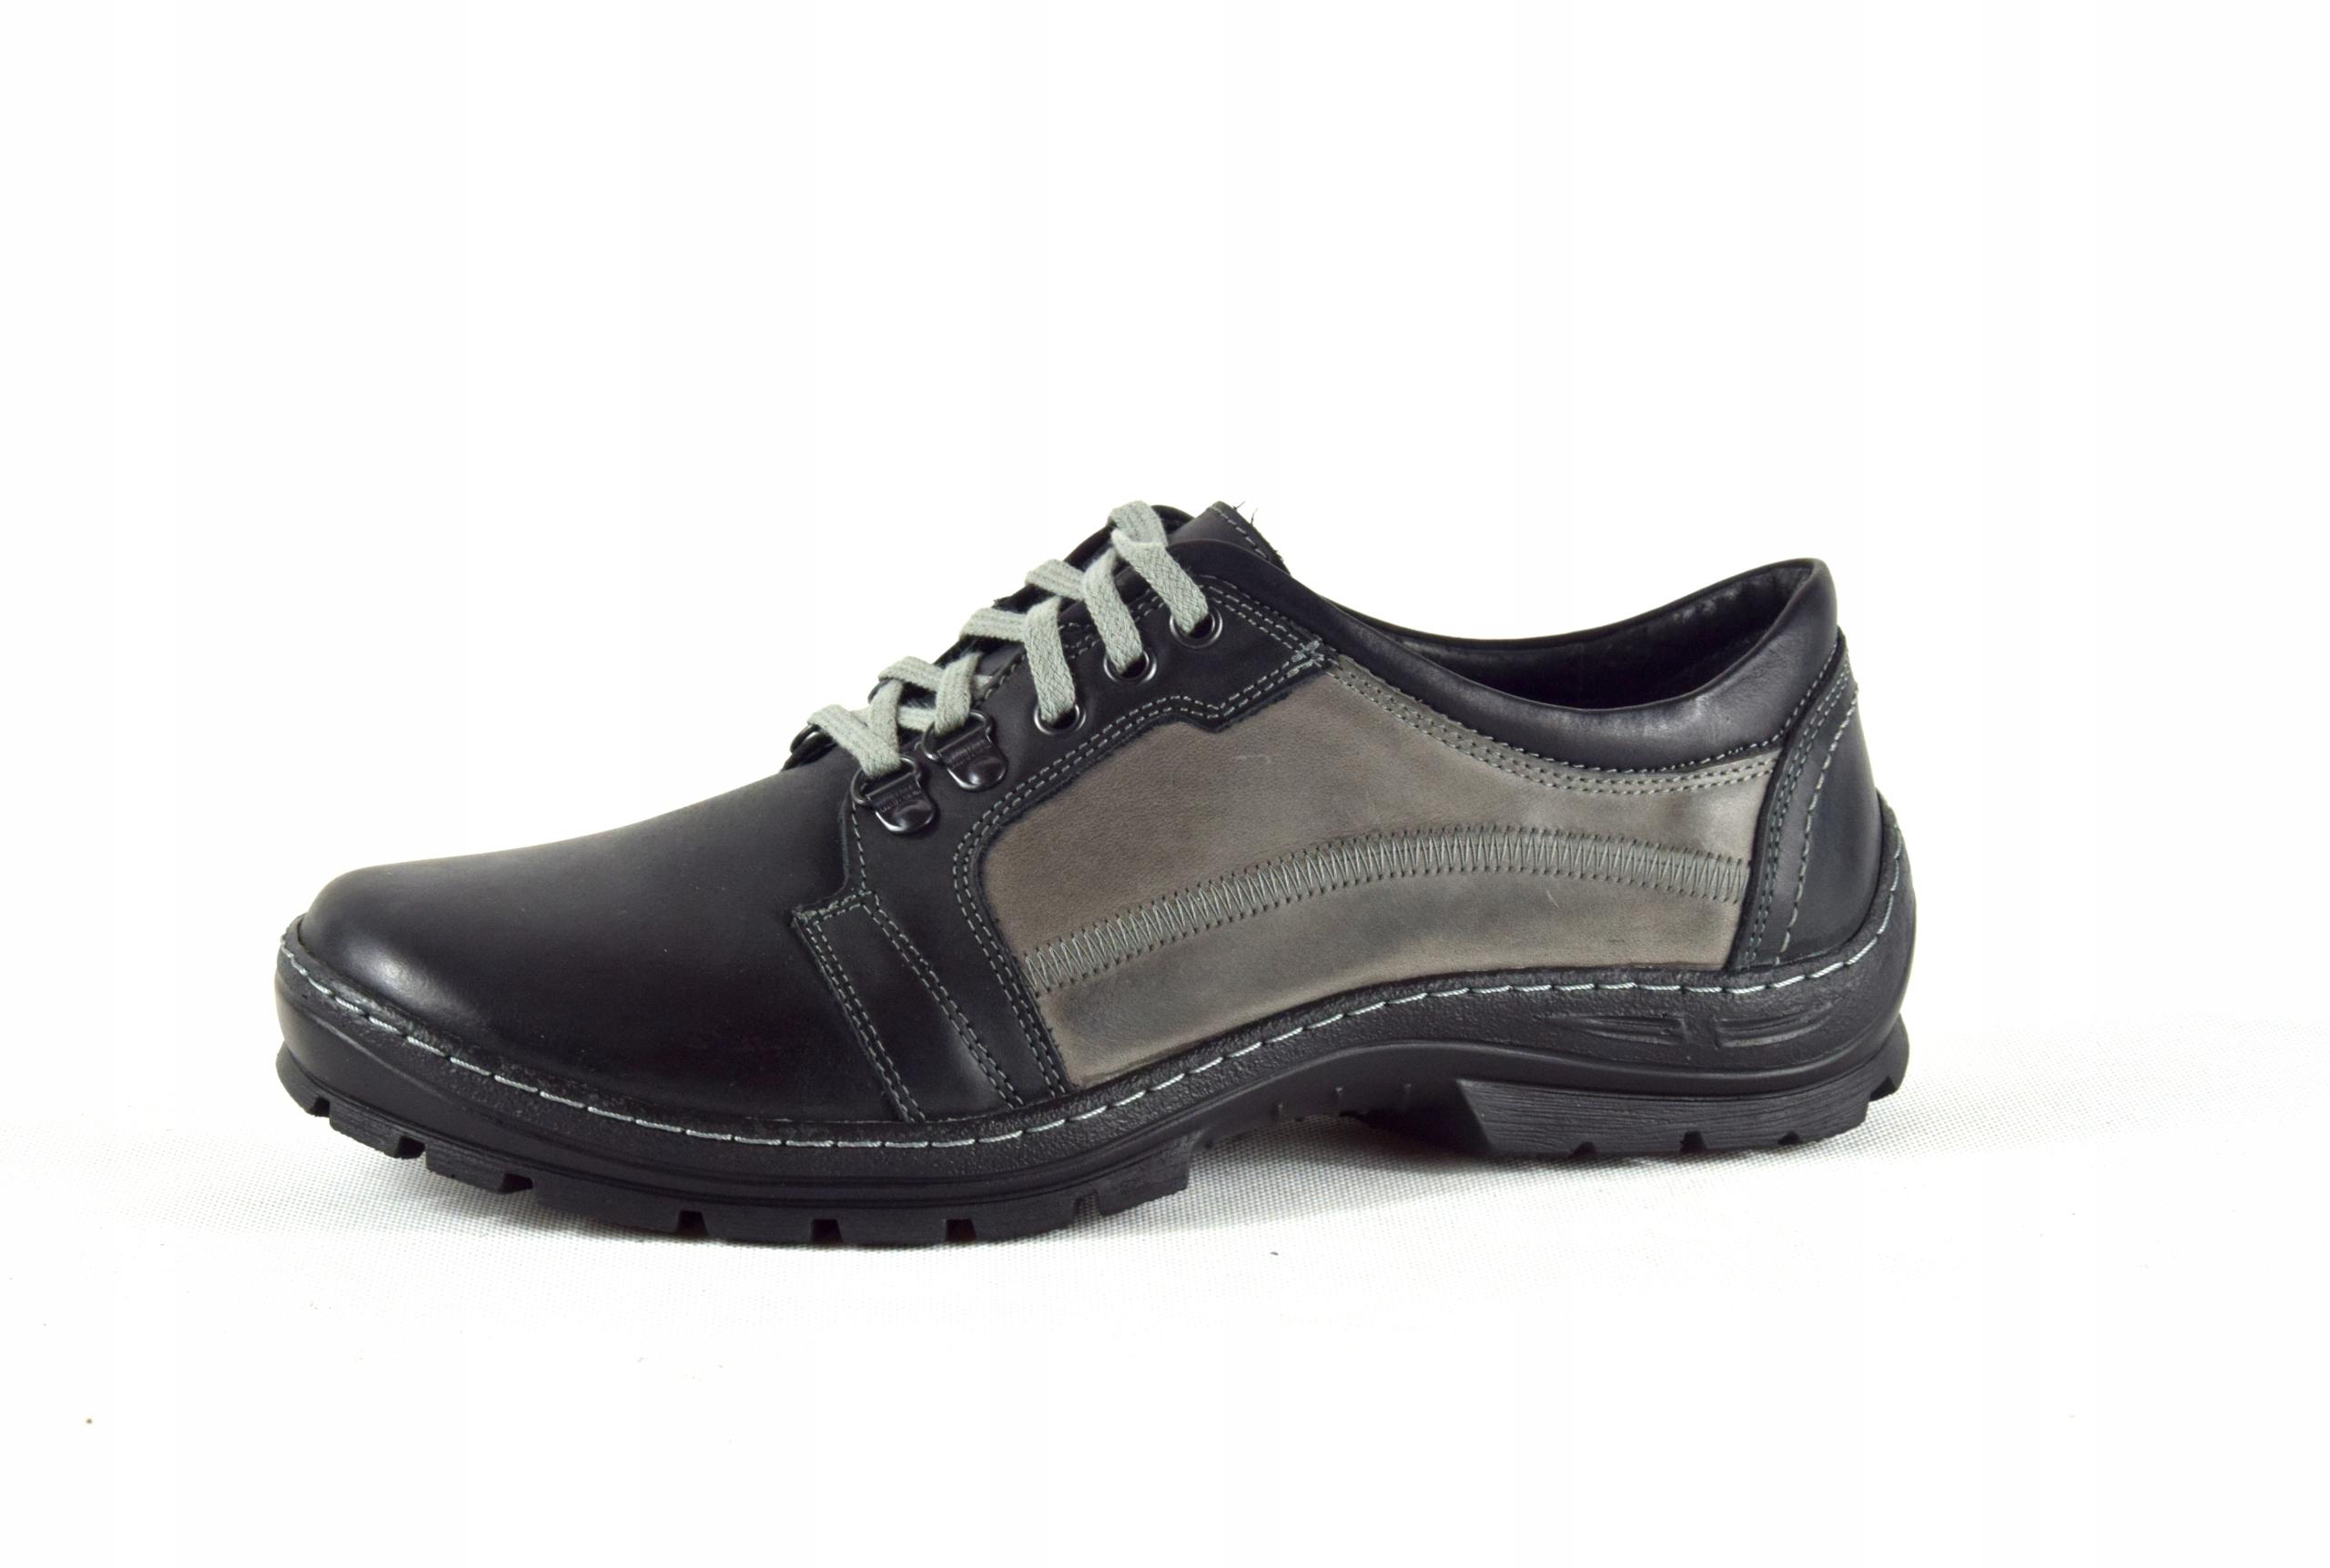 Półbuty trekkingowe męskie buty skórzane PL 192 Marka inna